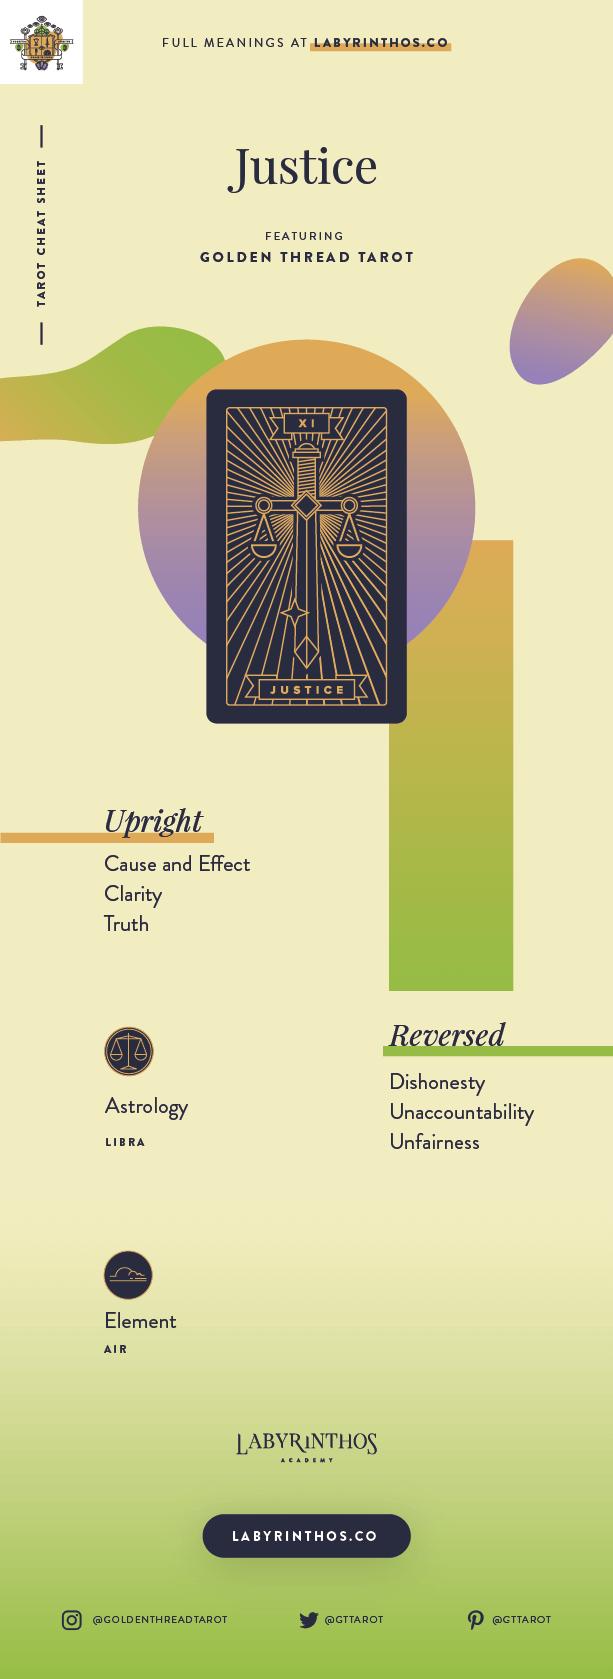 Justice Meaning Major Arcana Tarot Card Meanings Tarot Card Meanings Justice Tarot Tarot Major Arcana